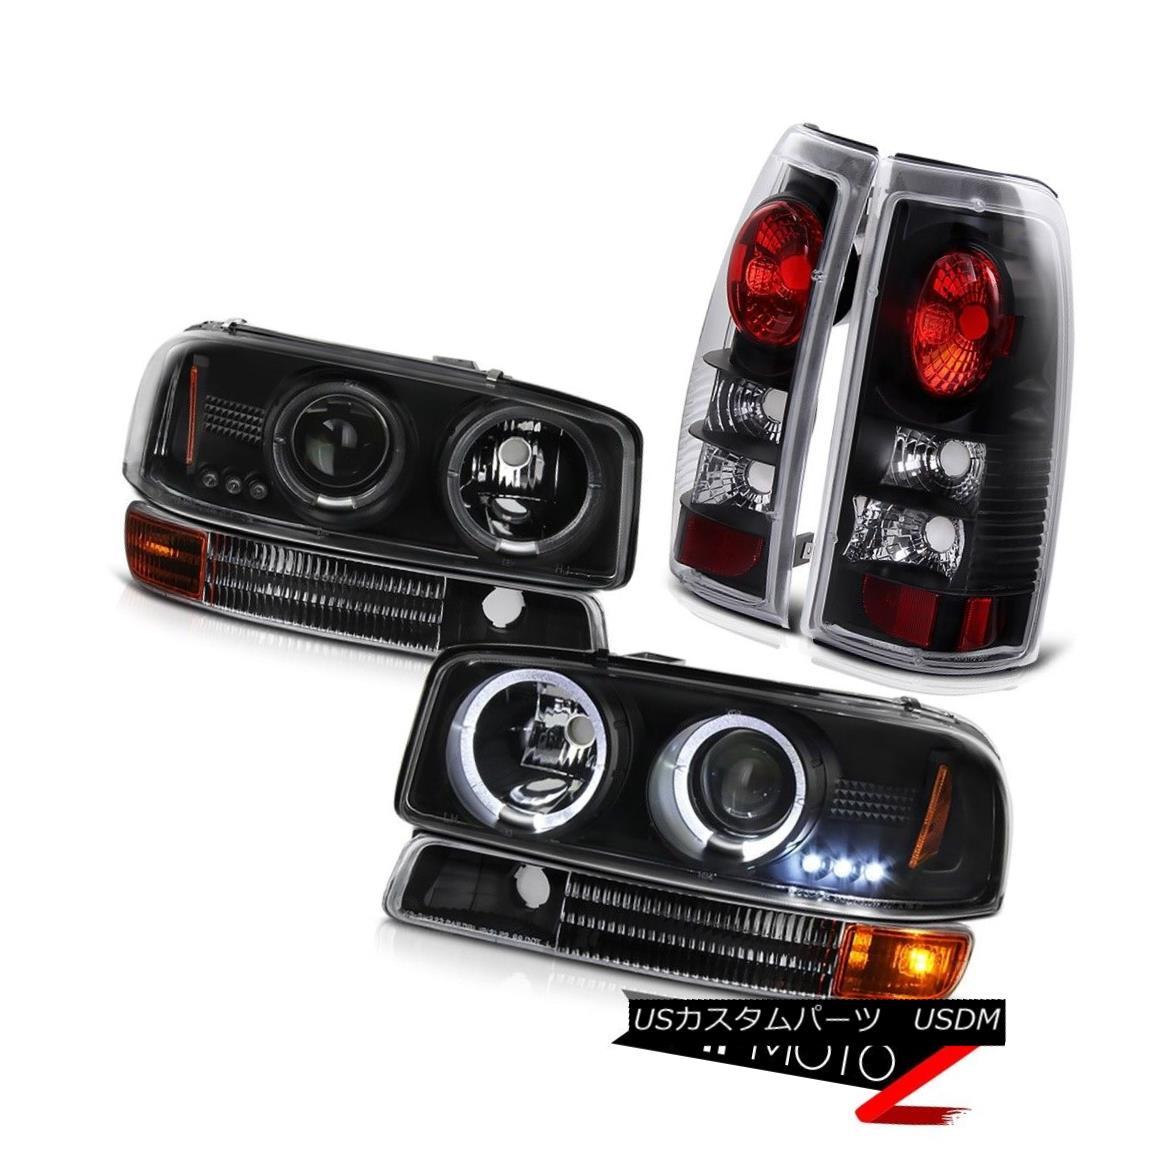 ヘッドライト 1999-2003 Sierra 5.3L V8 Twin Halo LED Headlights Bumper Rear Black Brake Lamps 1999-2003シエラ5.3L V8ツインハローLEDヘッドライトバンパーリアブラックブレーキランプ